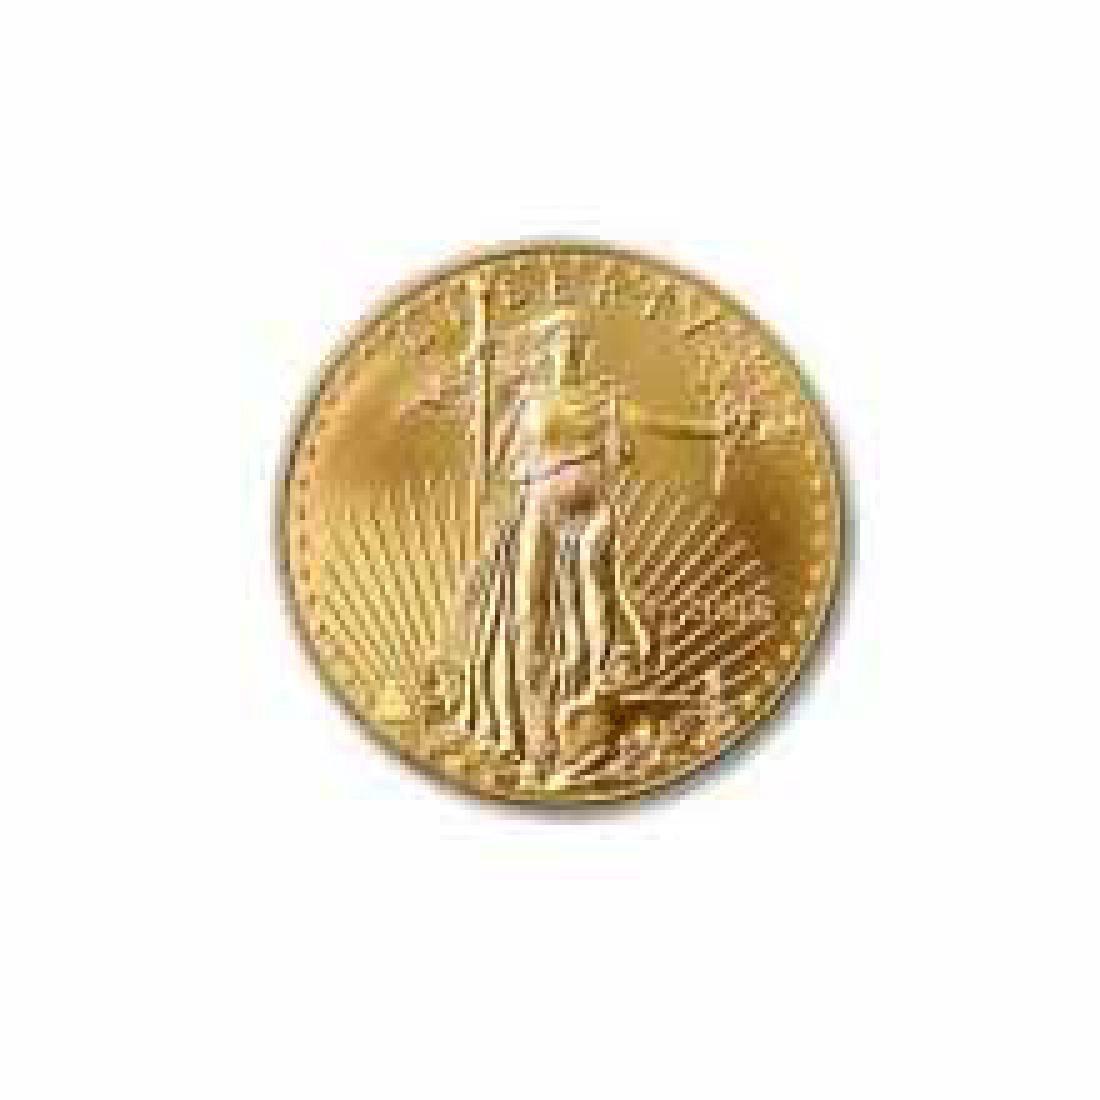 American Gold Eagle 1/10 oz Uncirculated - Random Year